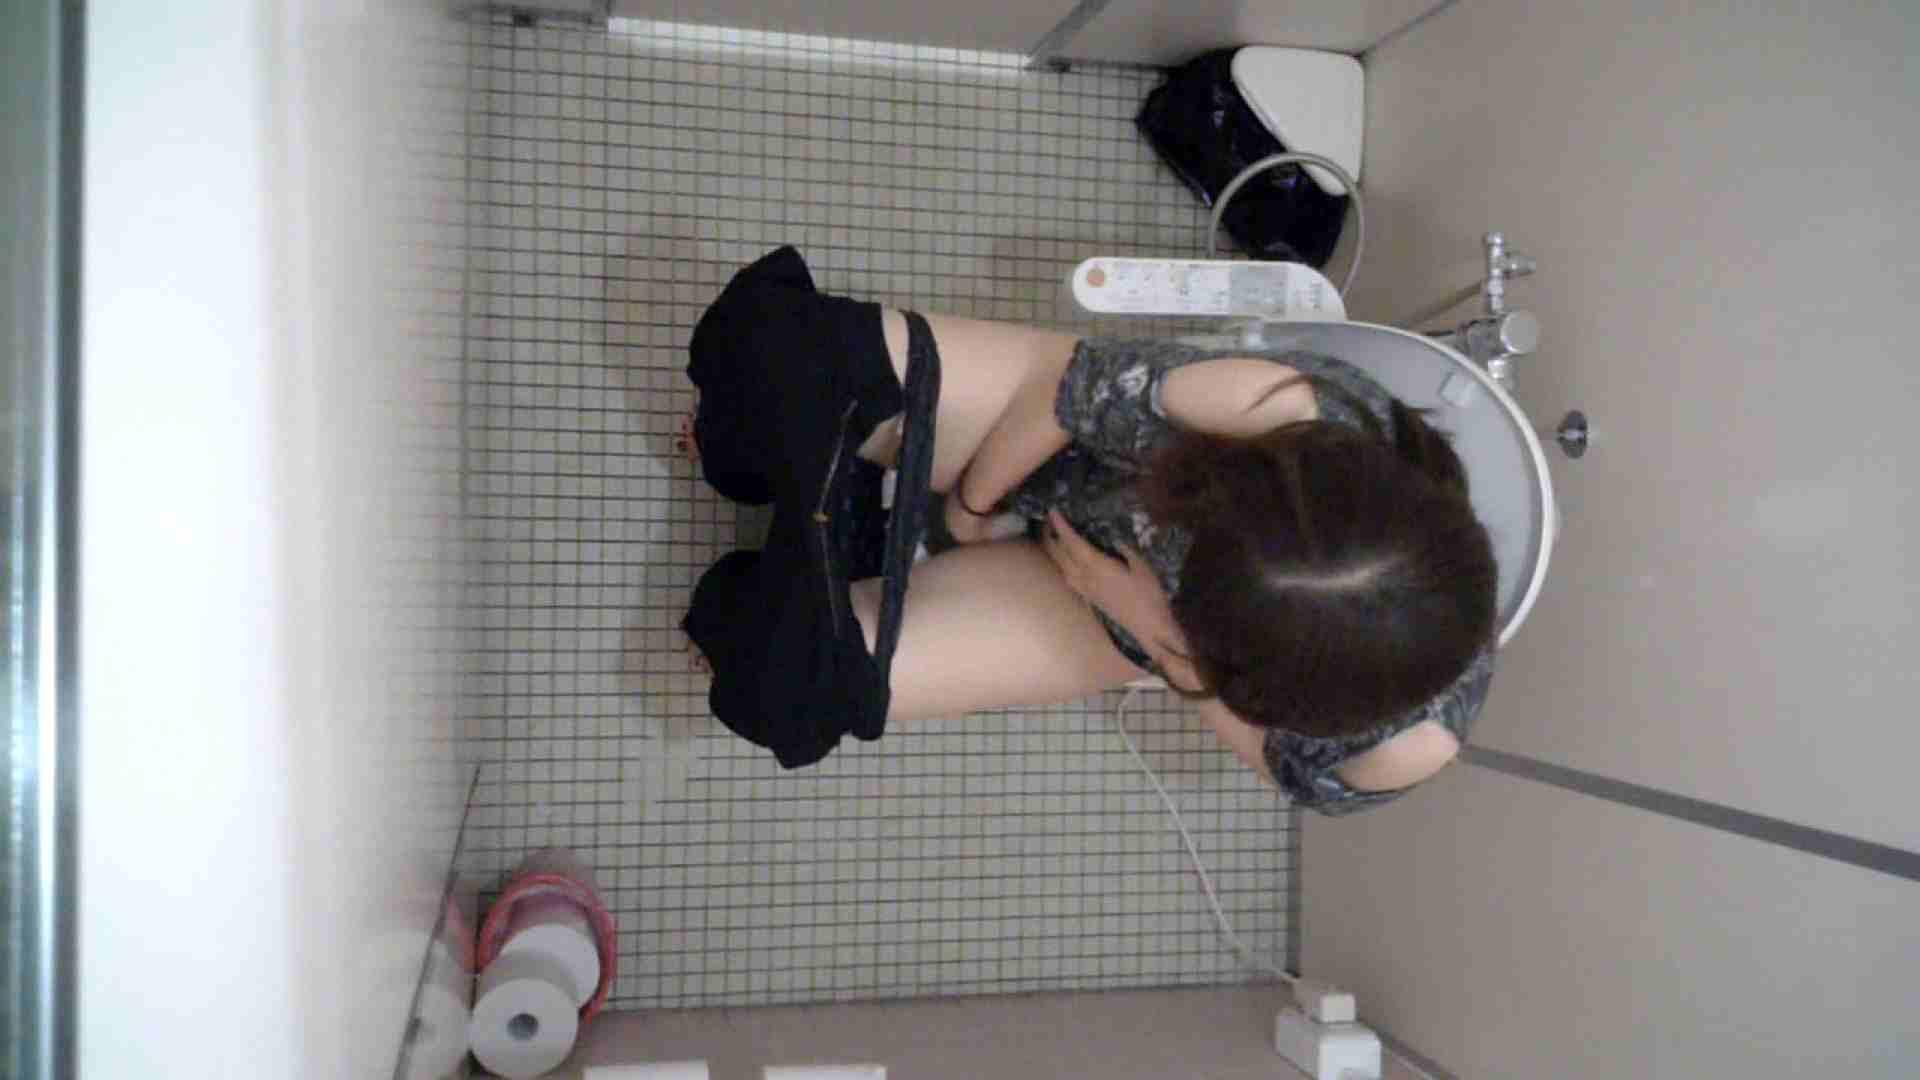 有名大学女性洗面所 vol.43 いつみても神秘的な世界です。 和式 | 潜入  13pic 1